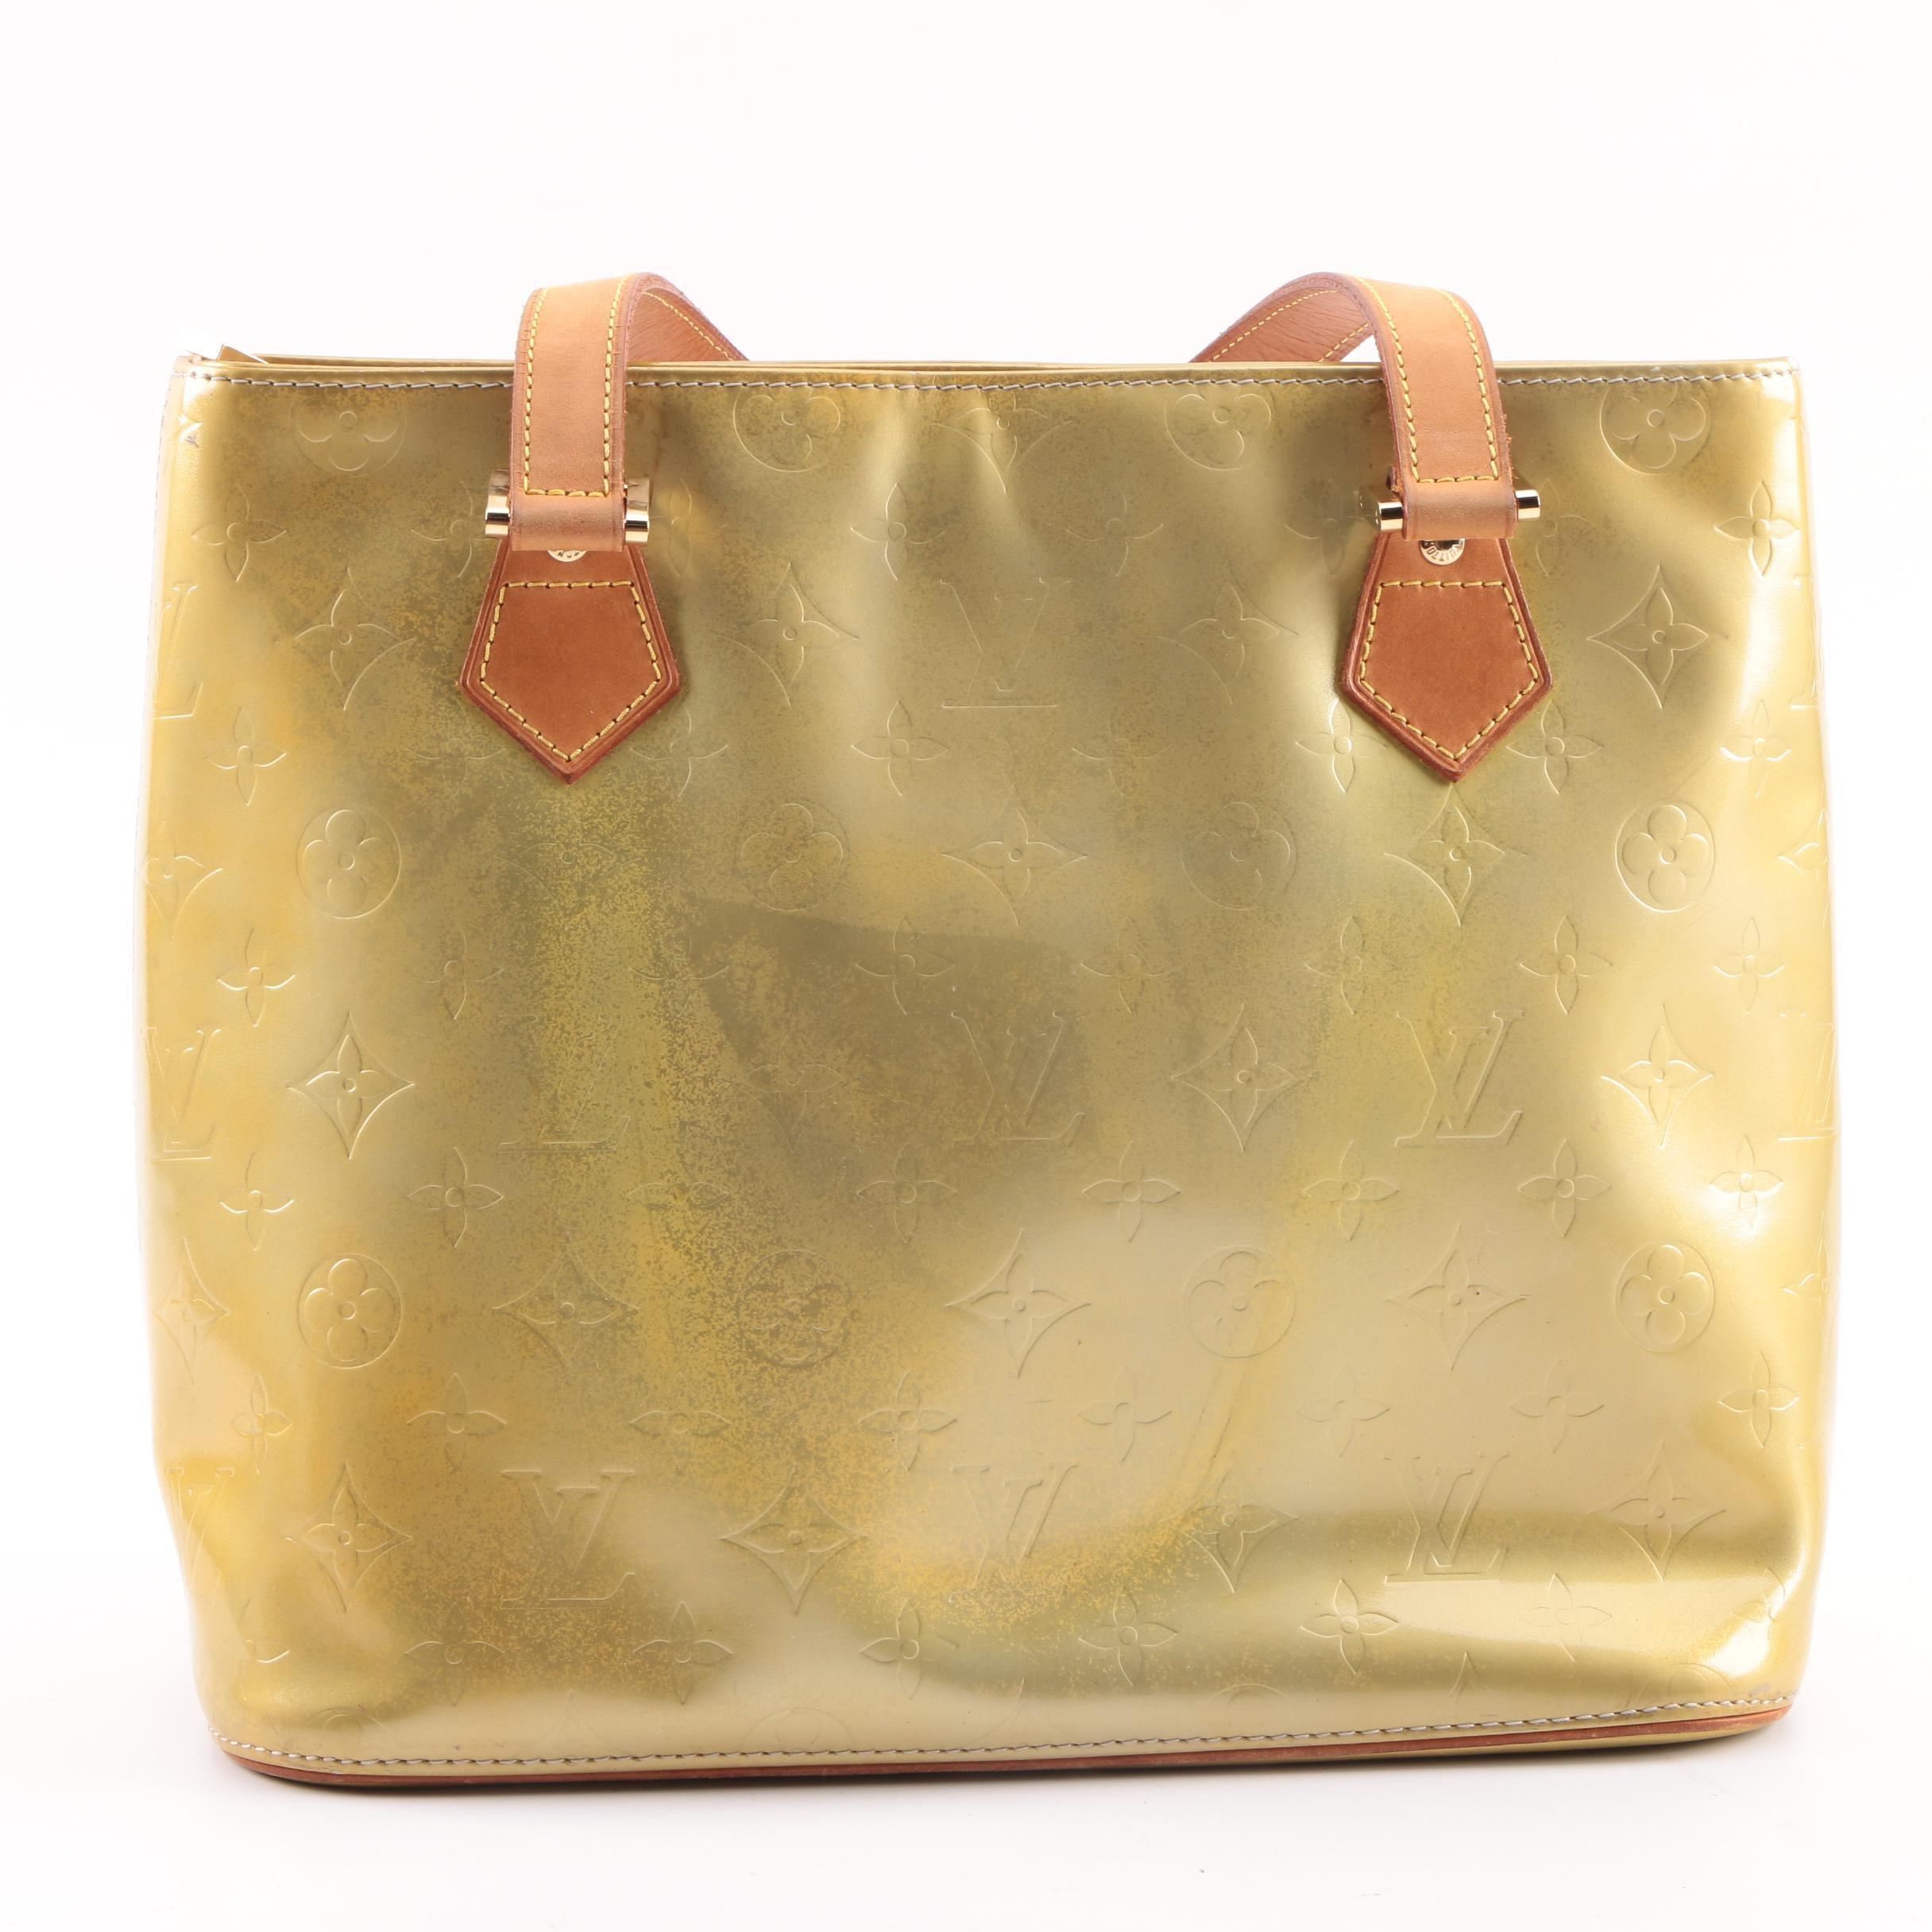 1999 Louis Vuitton Paris Lime Vernis Leather Shoulder Bag